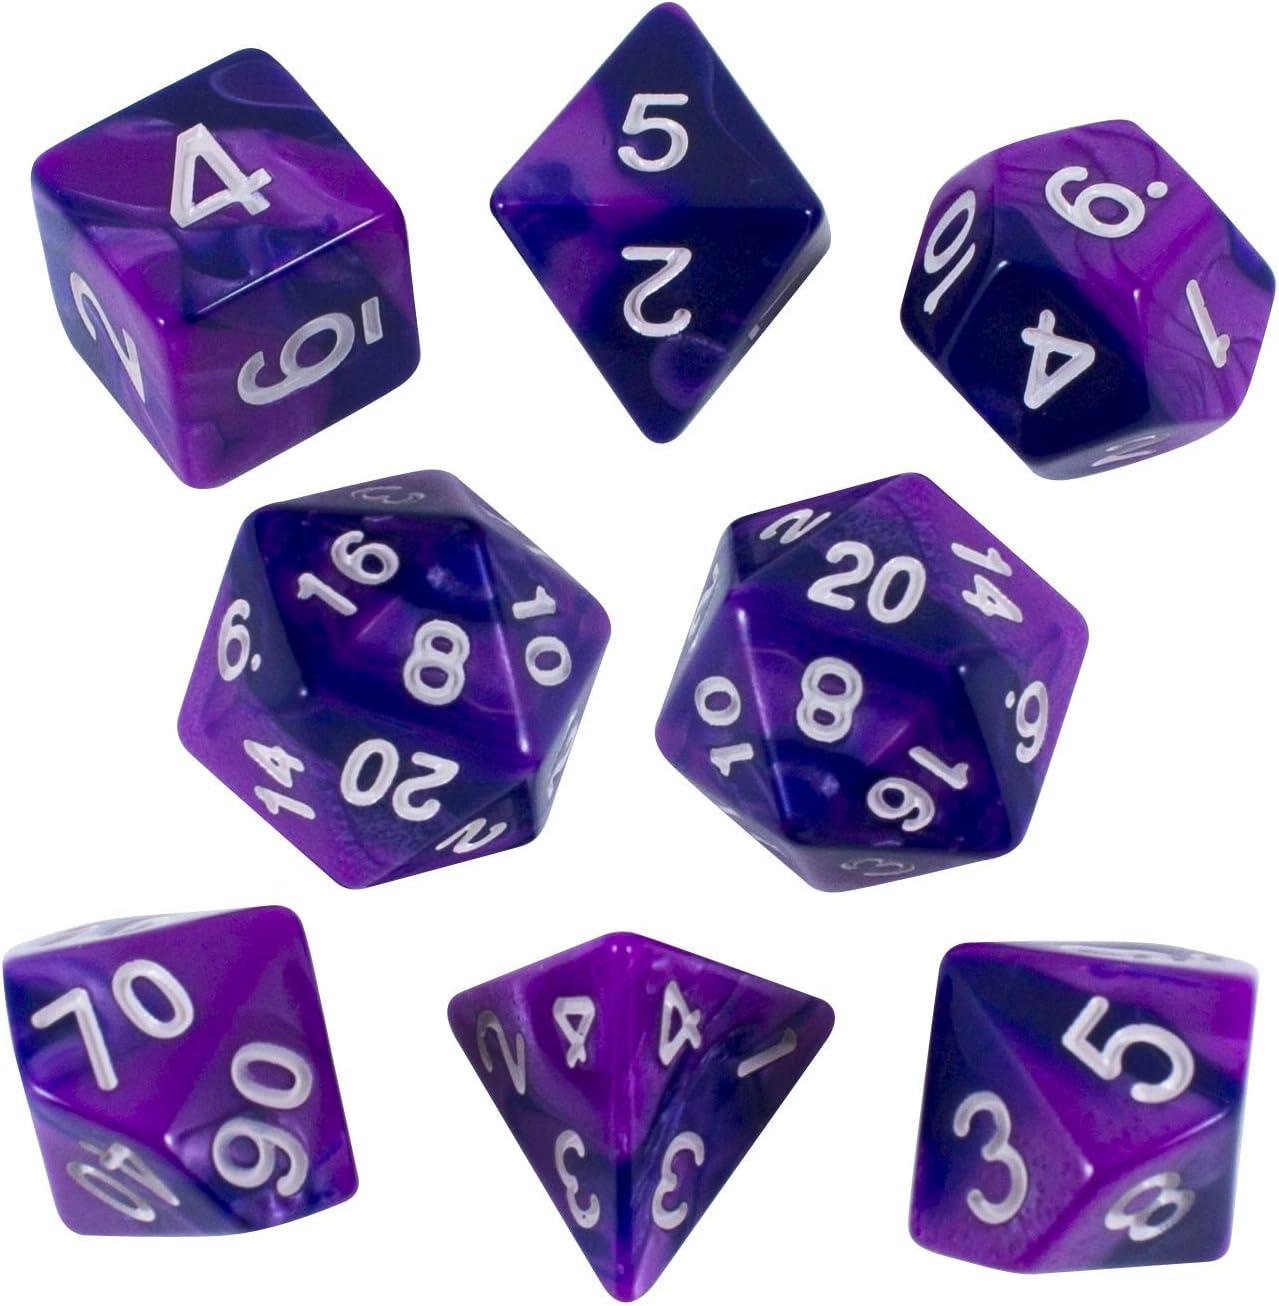 Paladin - Juego de dados para juegos de rol, color morado e índigo: Amazon.es: Juguetes y juegos